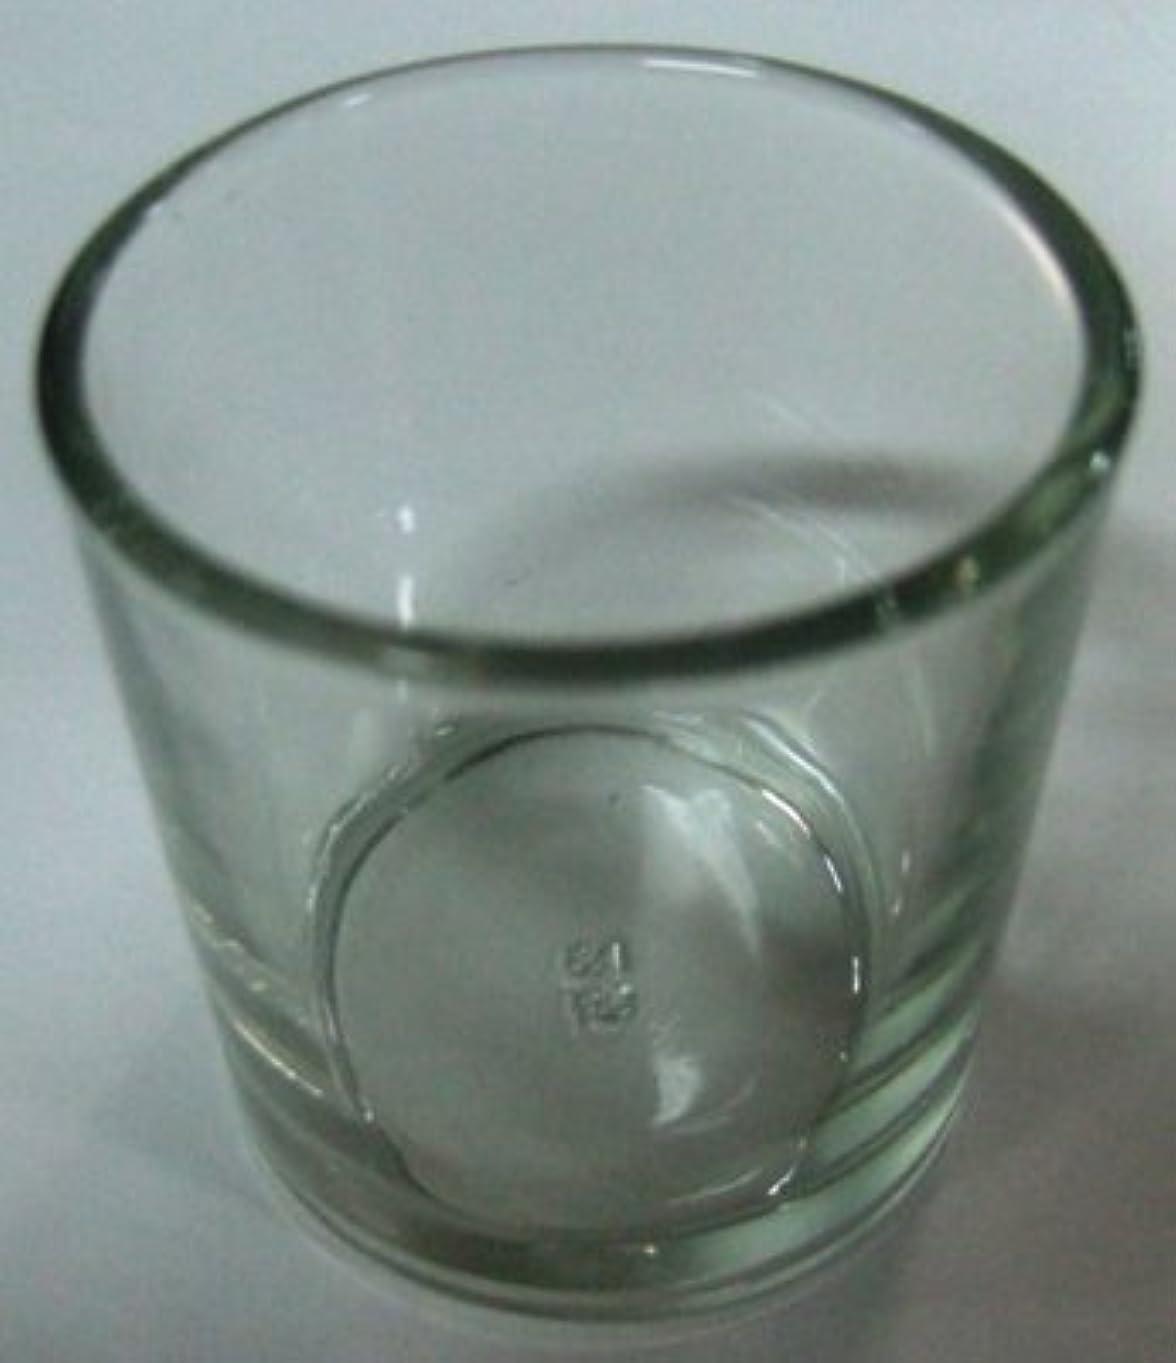 驚摂氏体*ボーティブガラスコップ大 ( 4901435783338 )